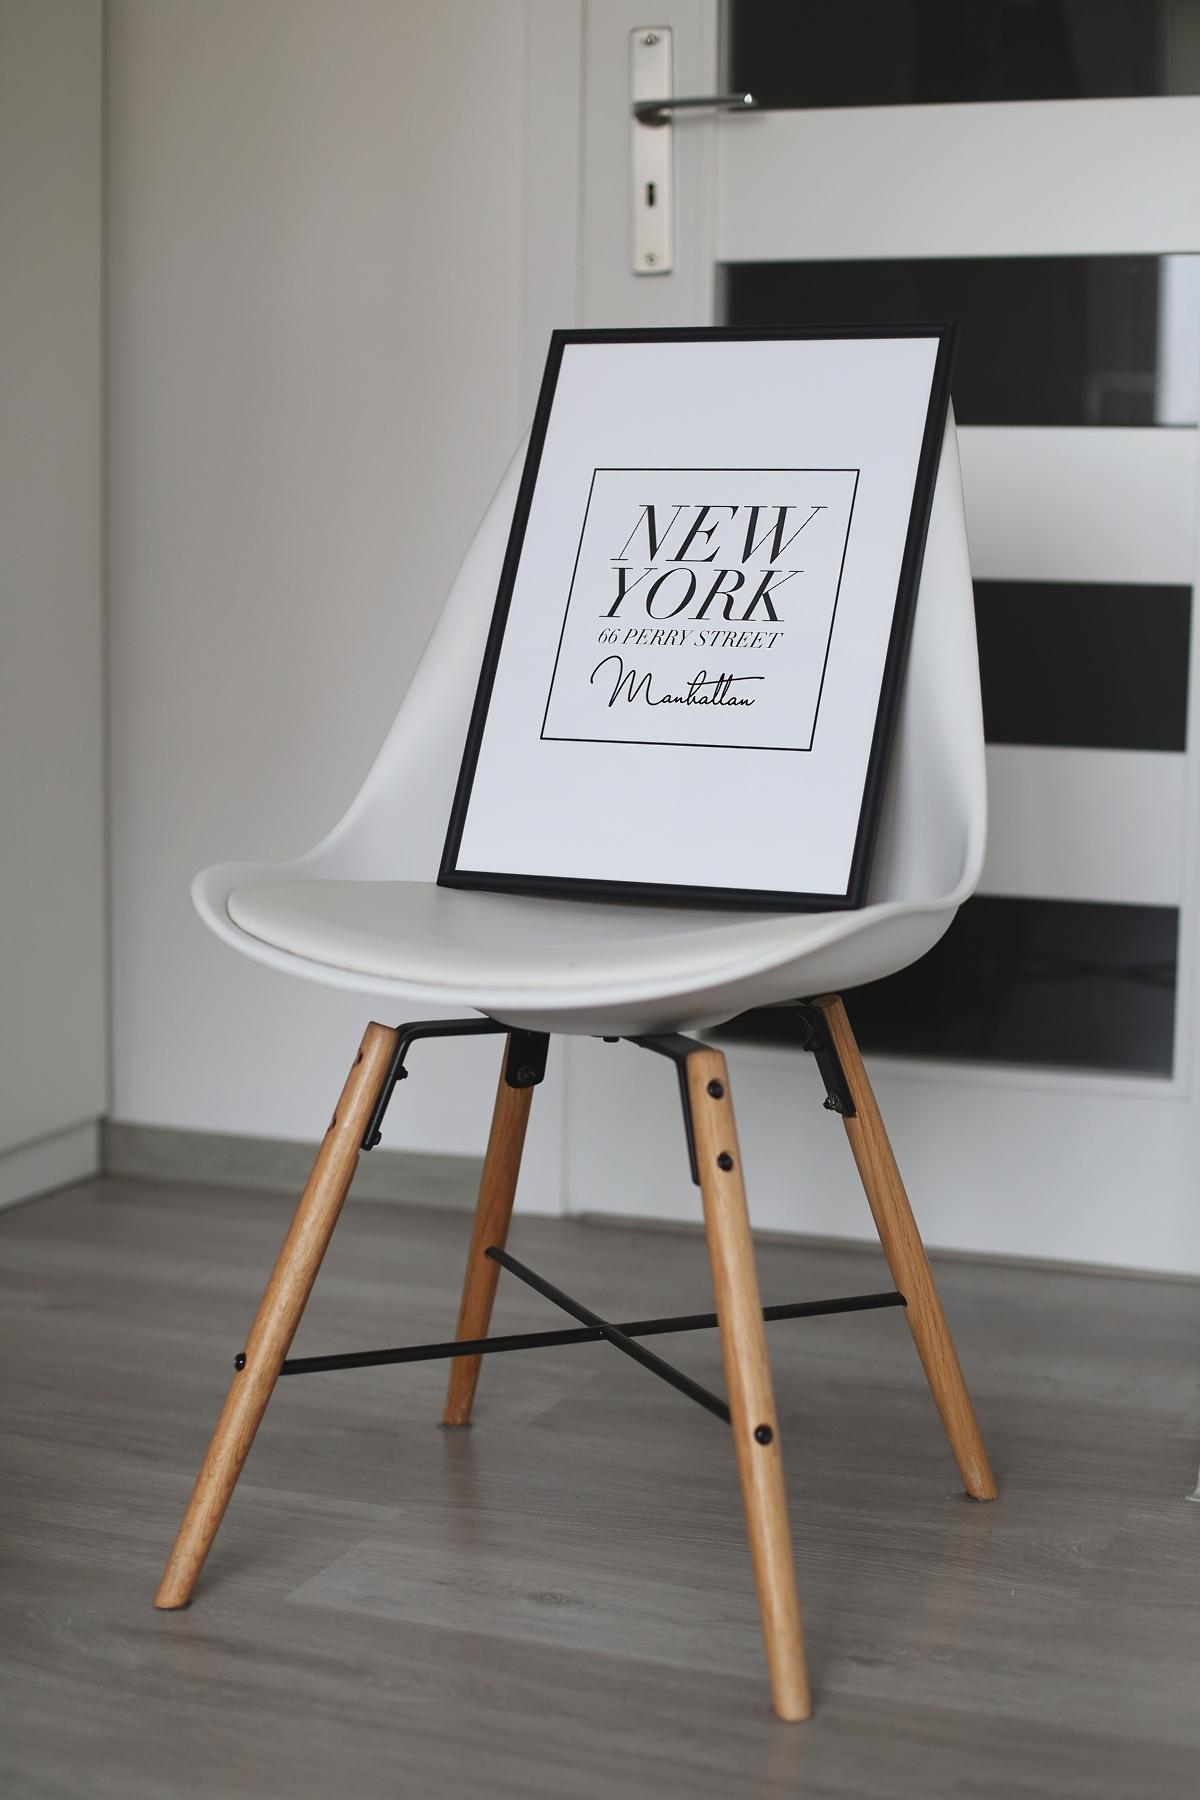 Czarno białe grafiki na ścianę - adres Carrie Bradshaw